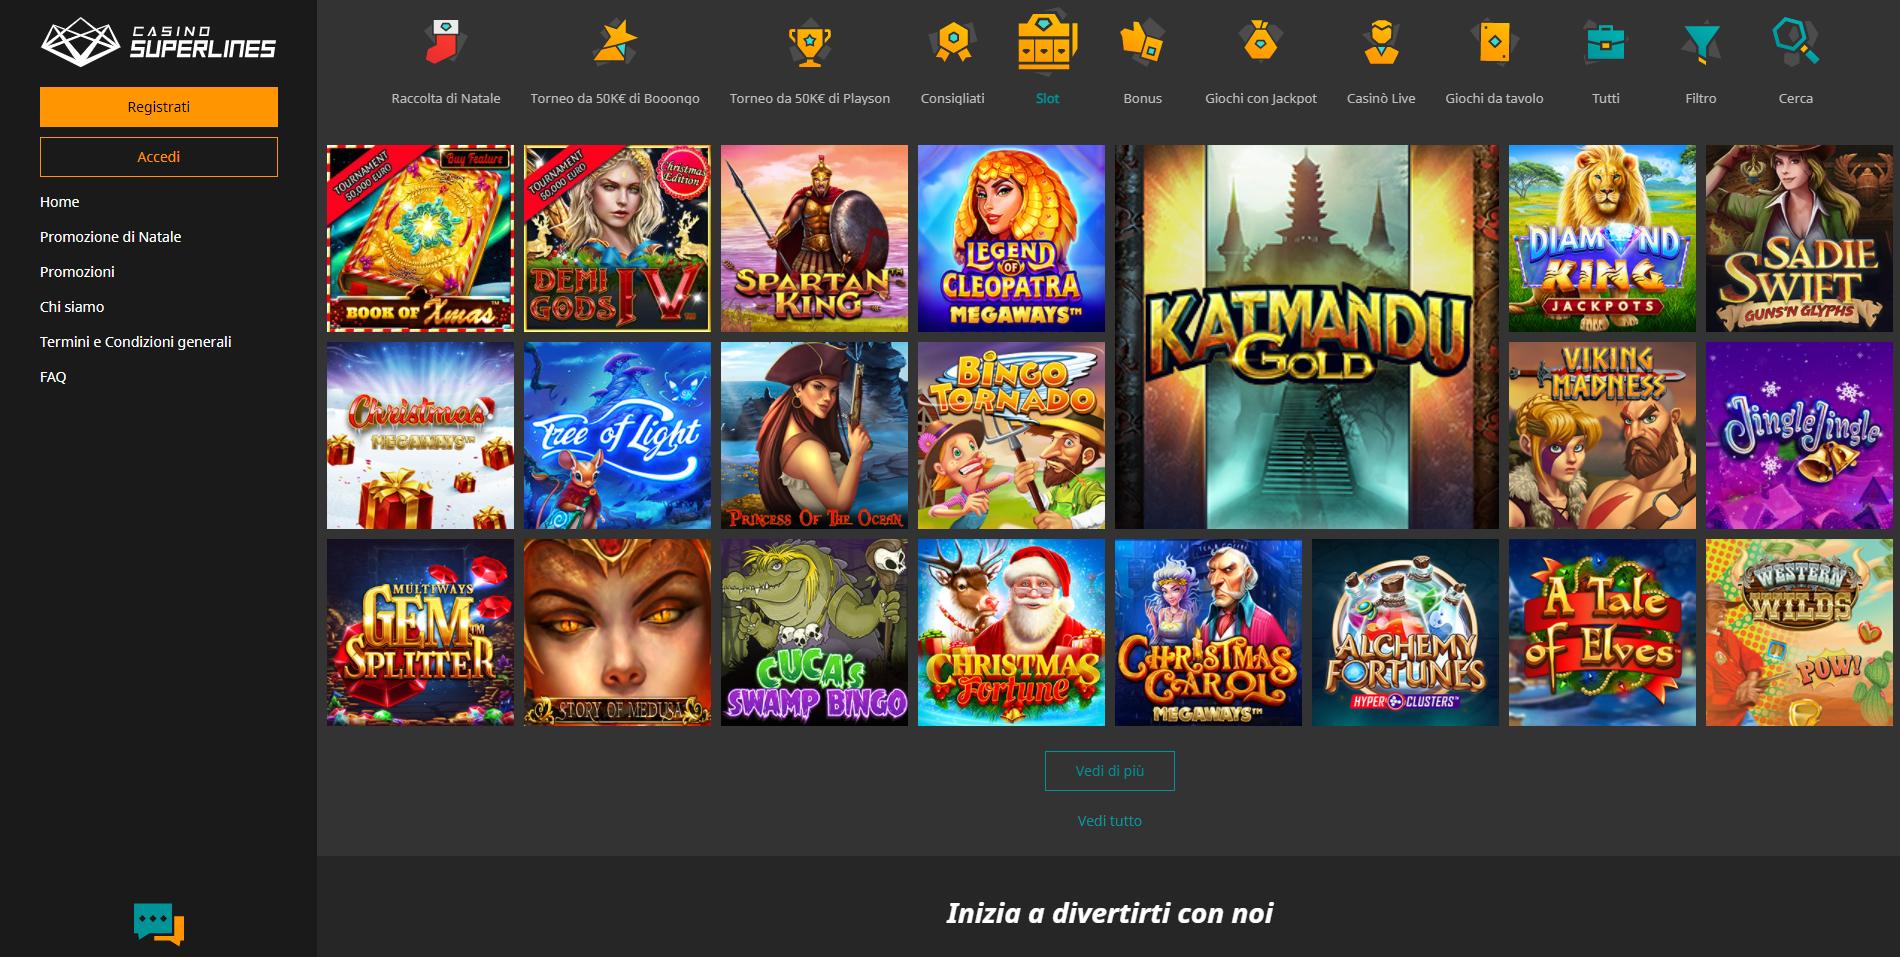 Giochi Superlines Casino